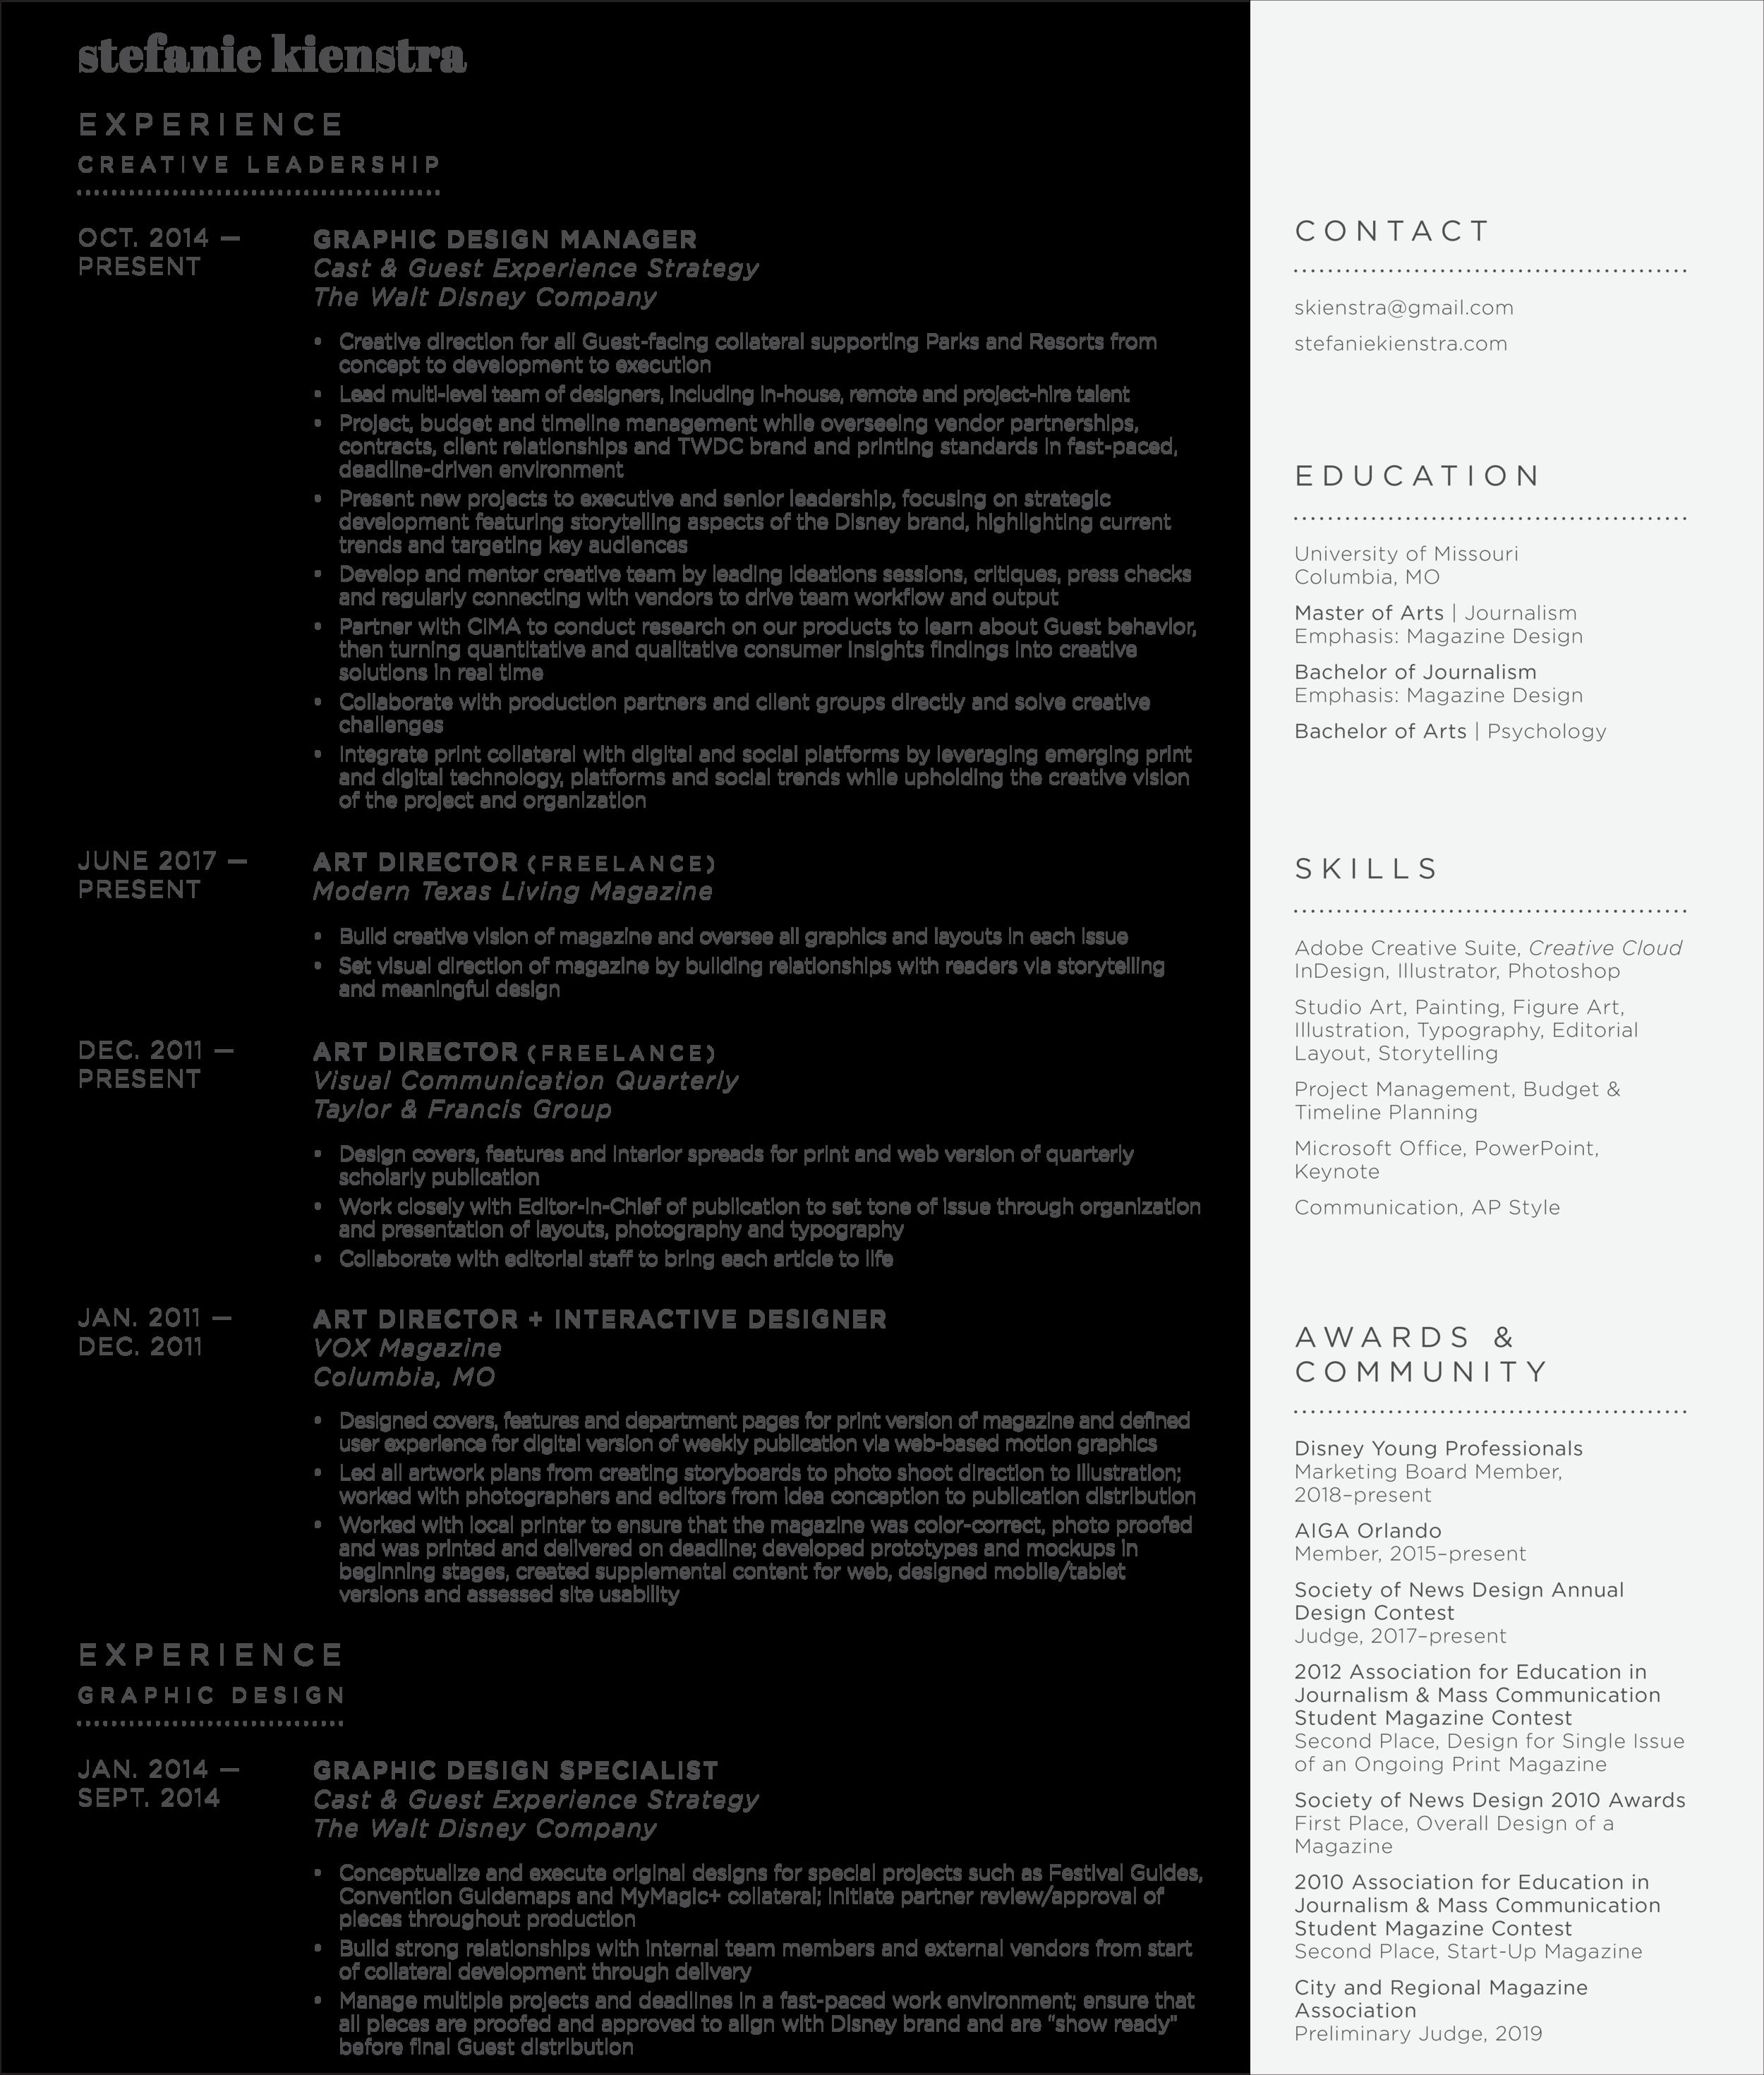 Stefanie Kienstra Resume_01:2019_website.png